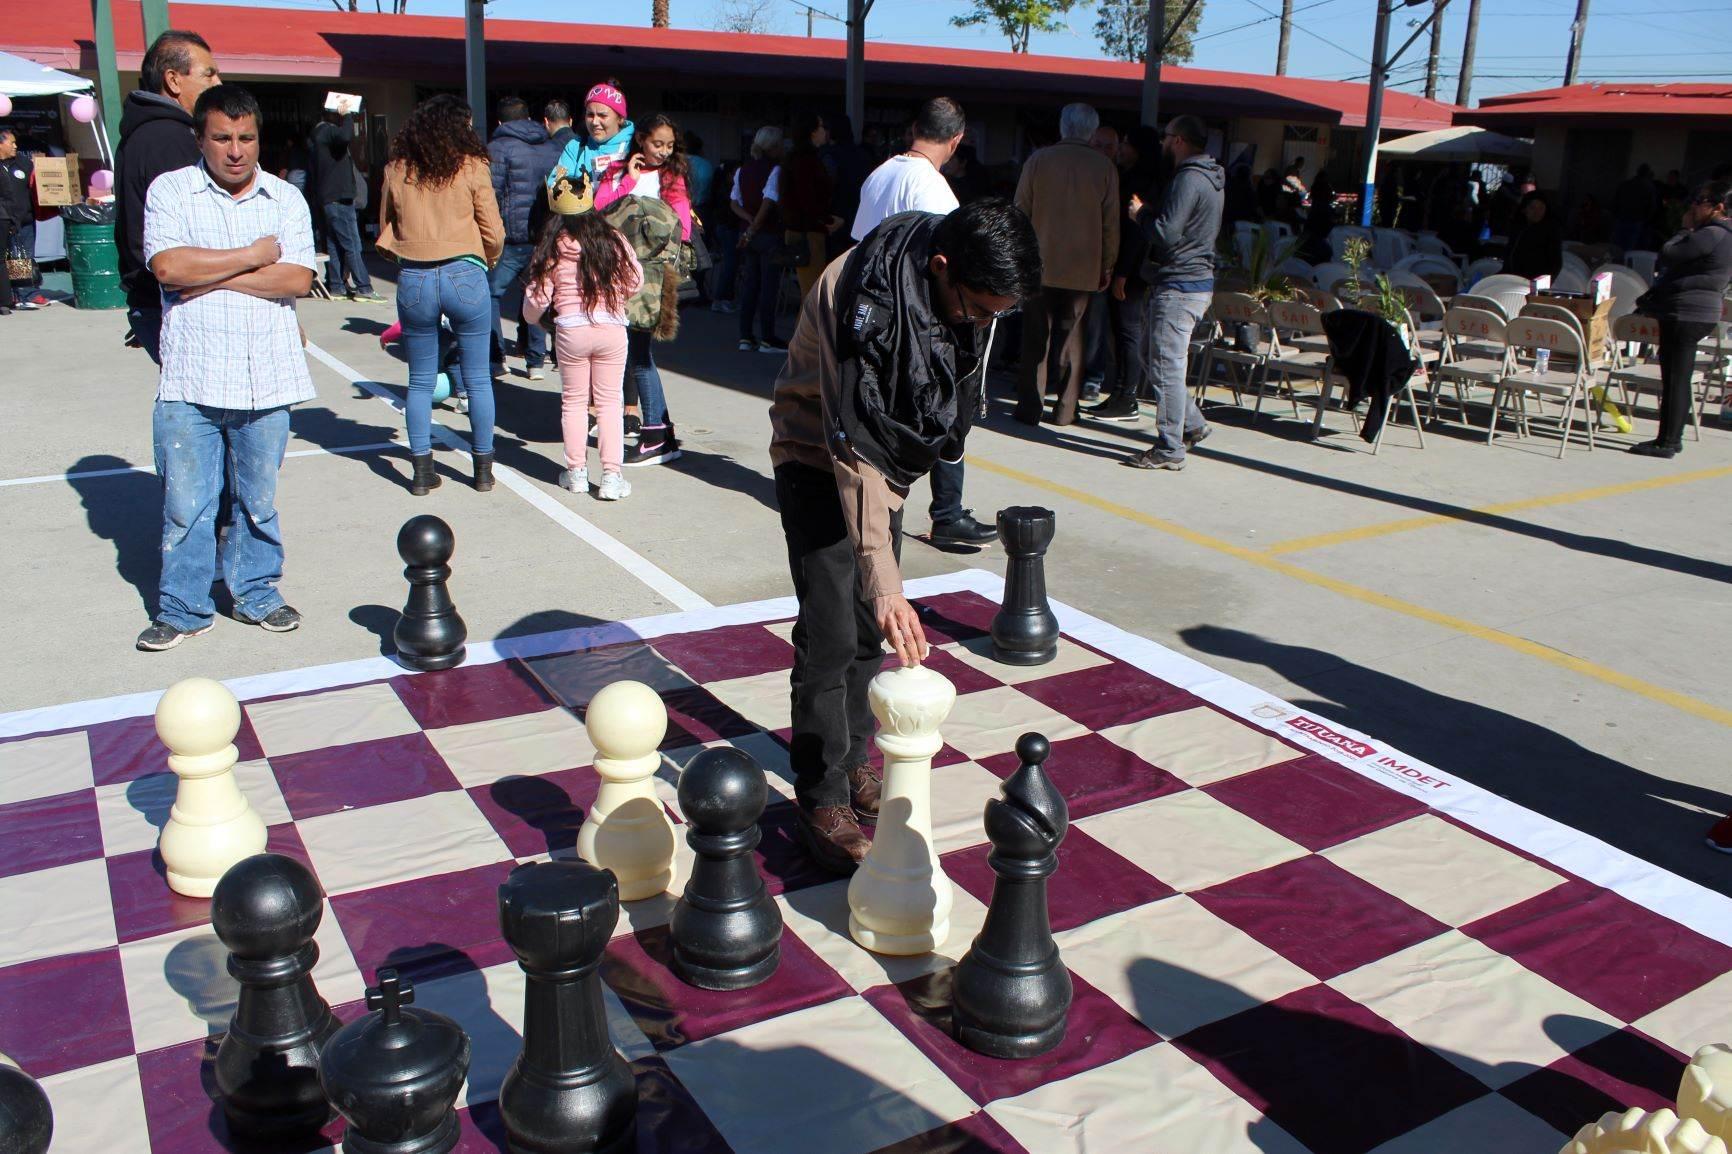 Presenta Imdet tablero gigante de ajedrez en Sábados de Bienestar